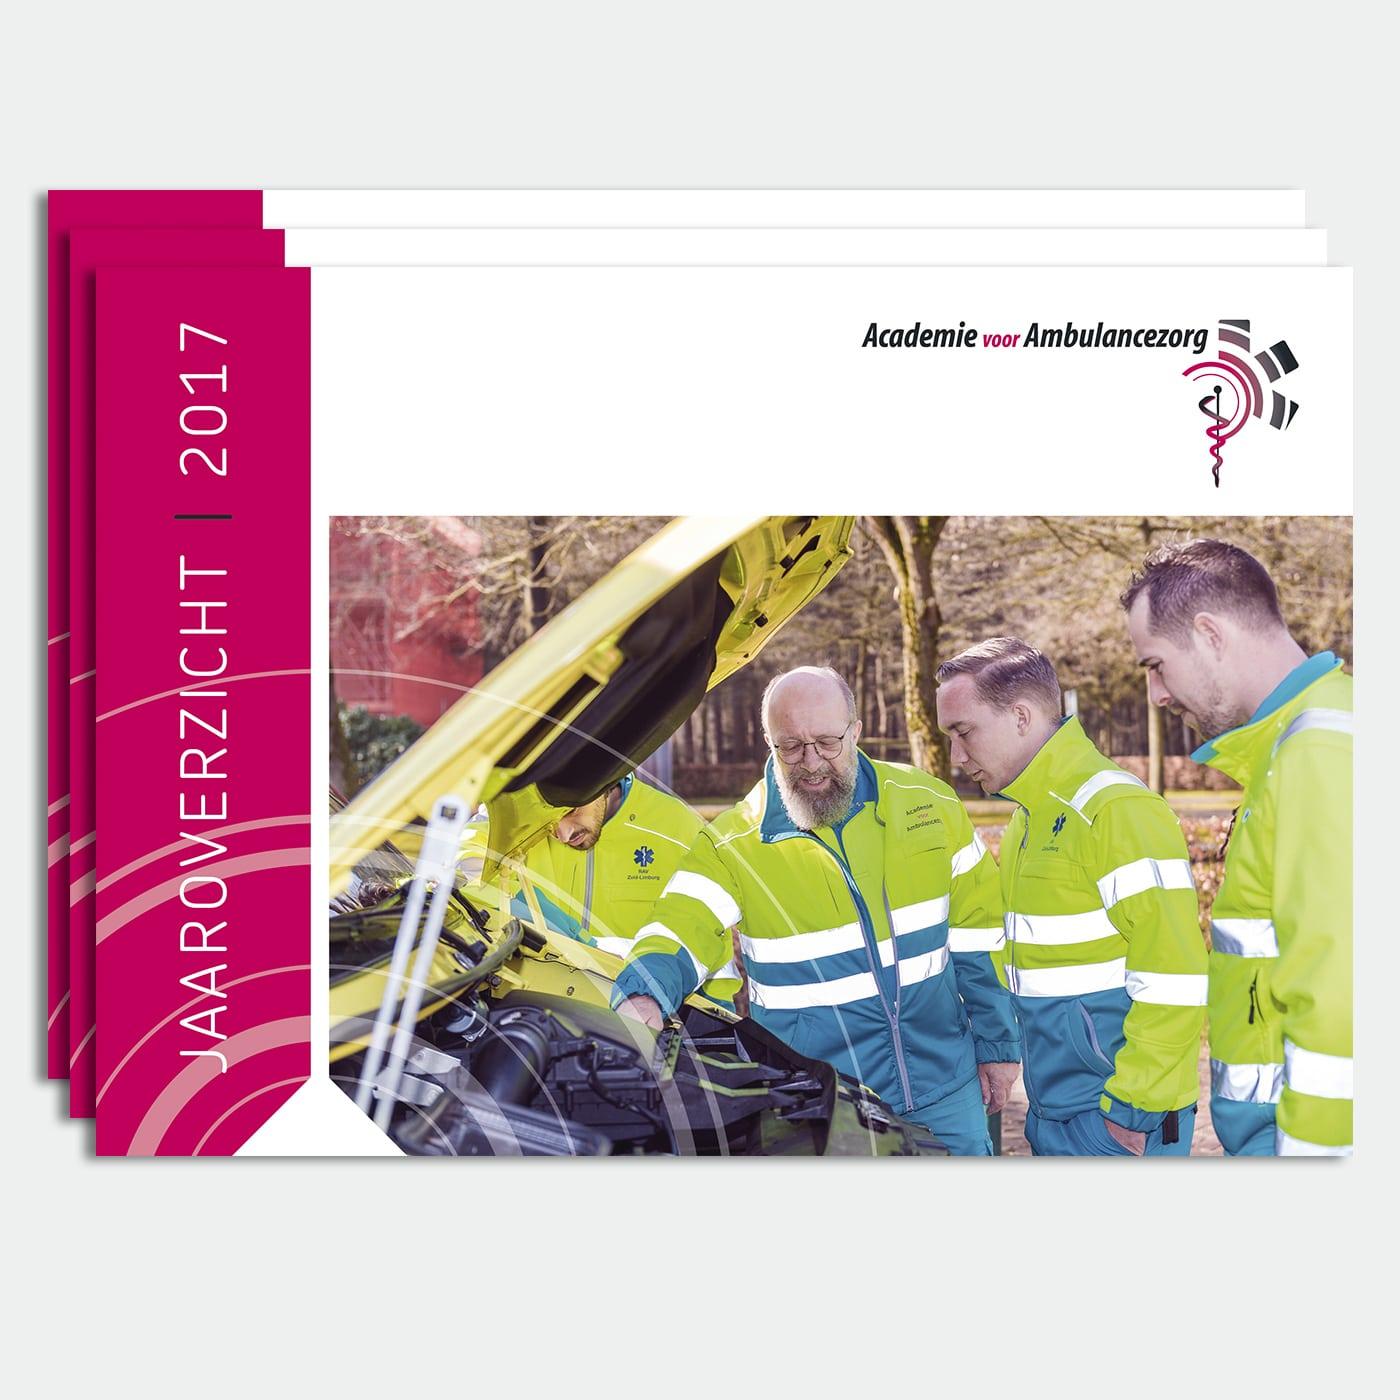 Ambulance Academie Jaaroverzicht 2017